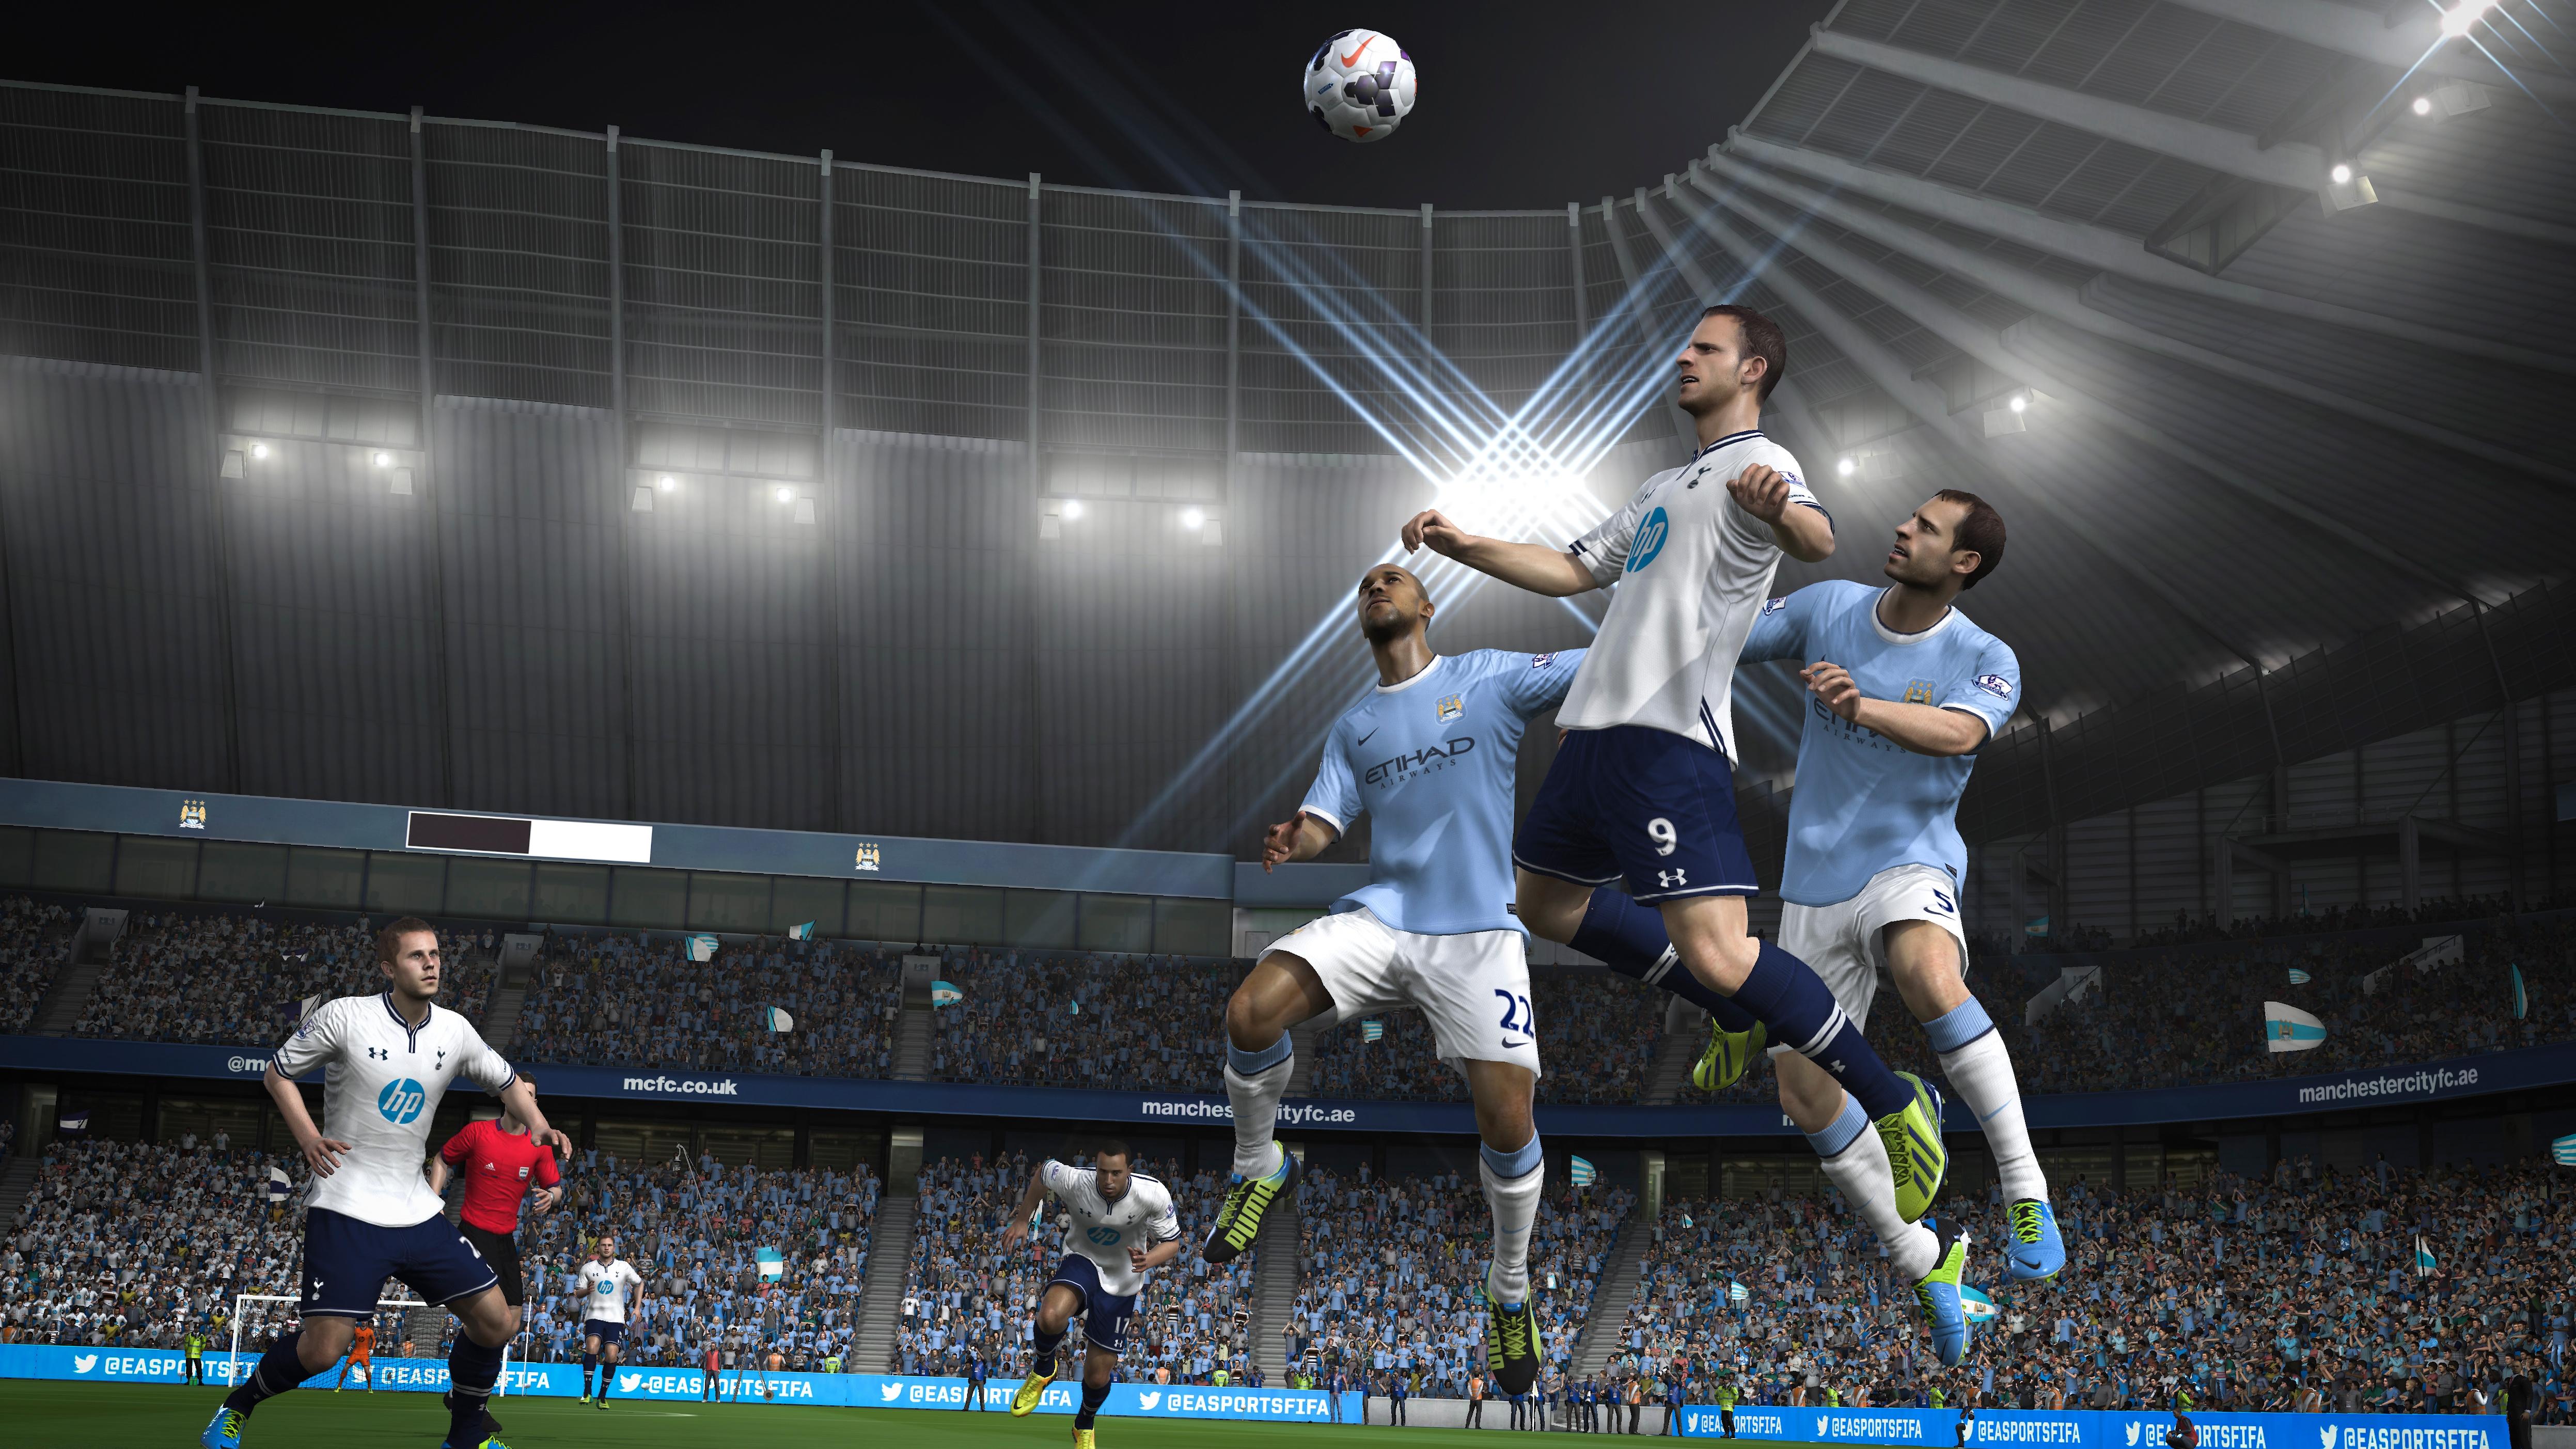 Виртуальные спорт ставки кино высокие ставки смотреть онлайн бесплатно